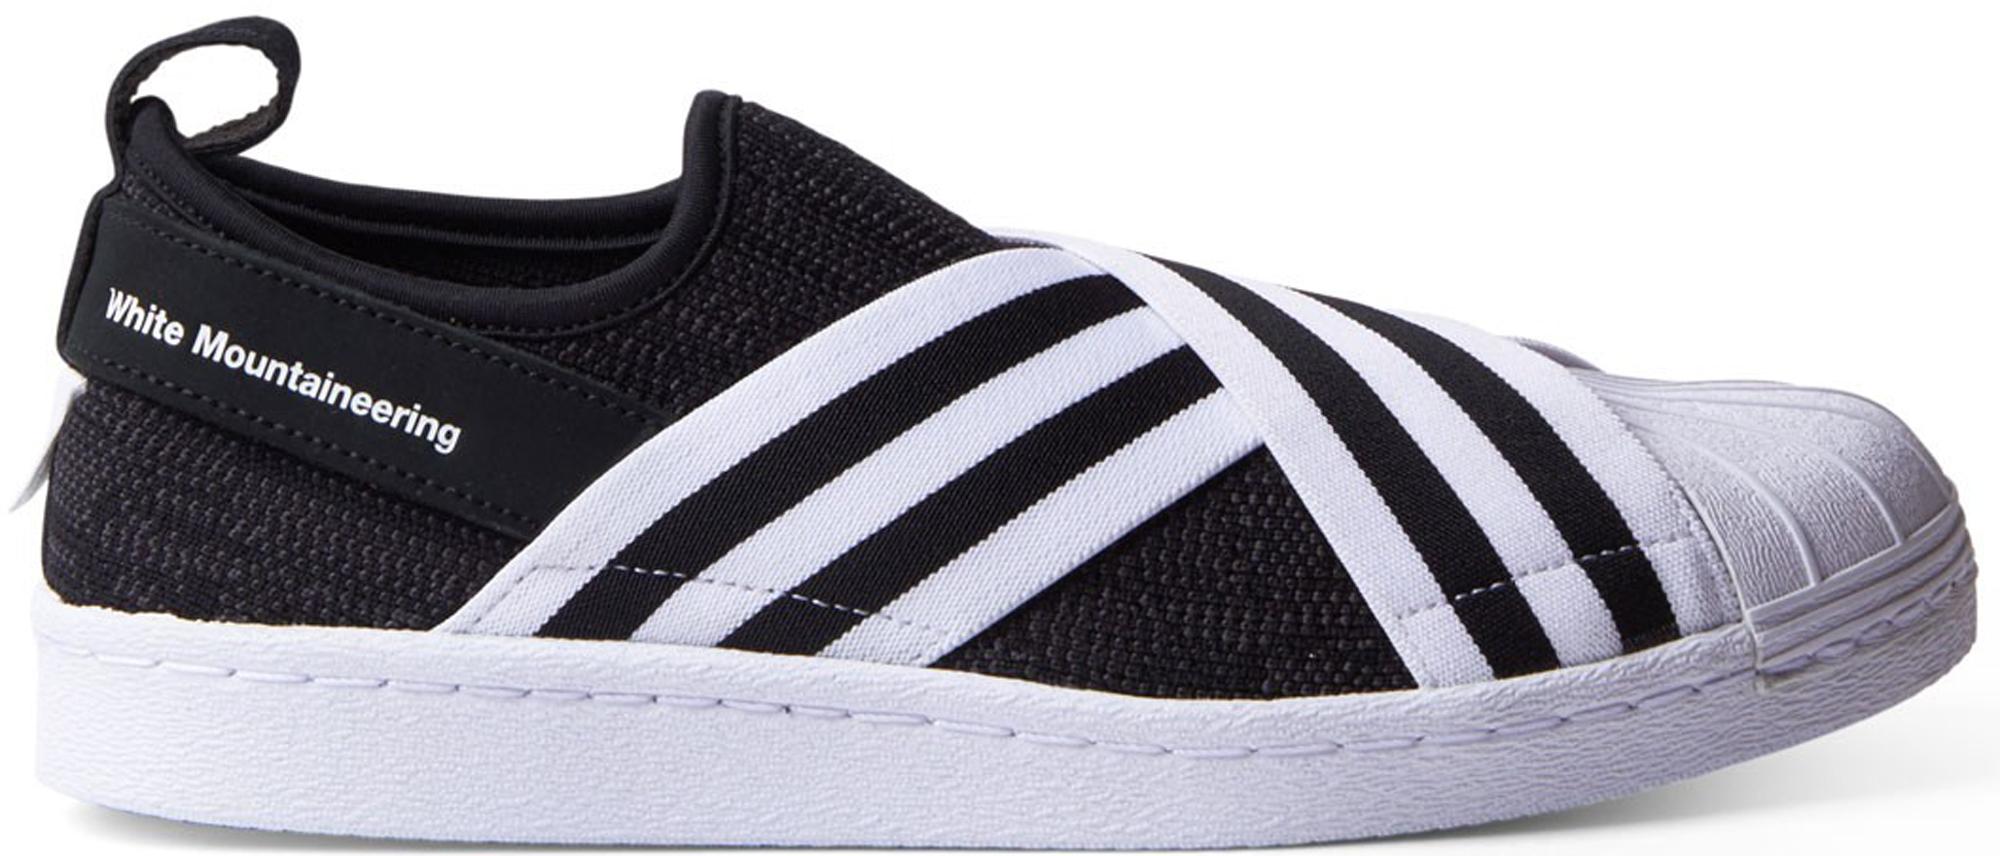 adidas Superstar Slip-On White